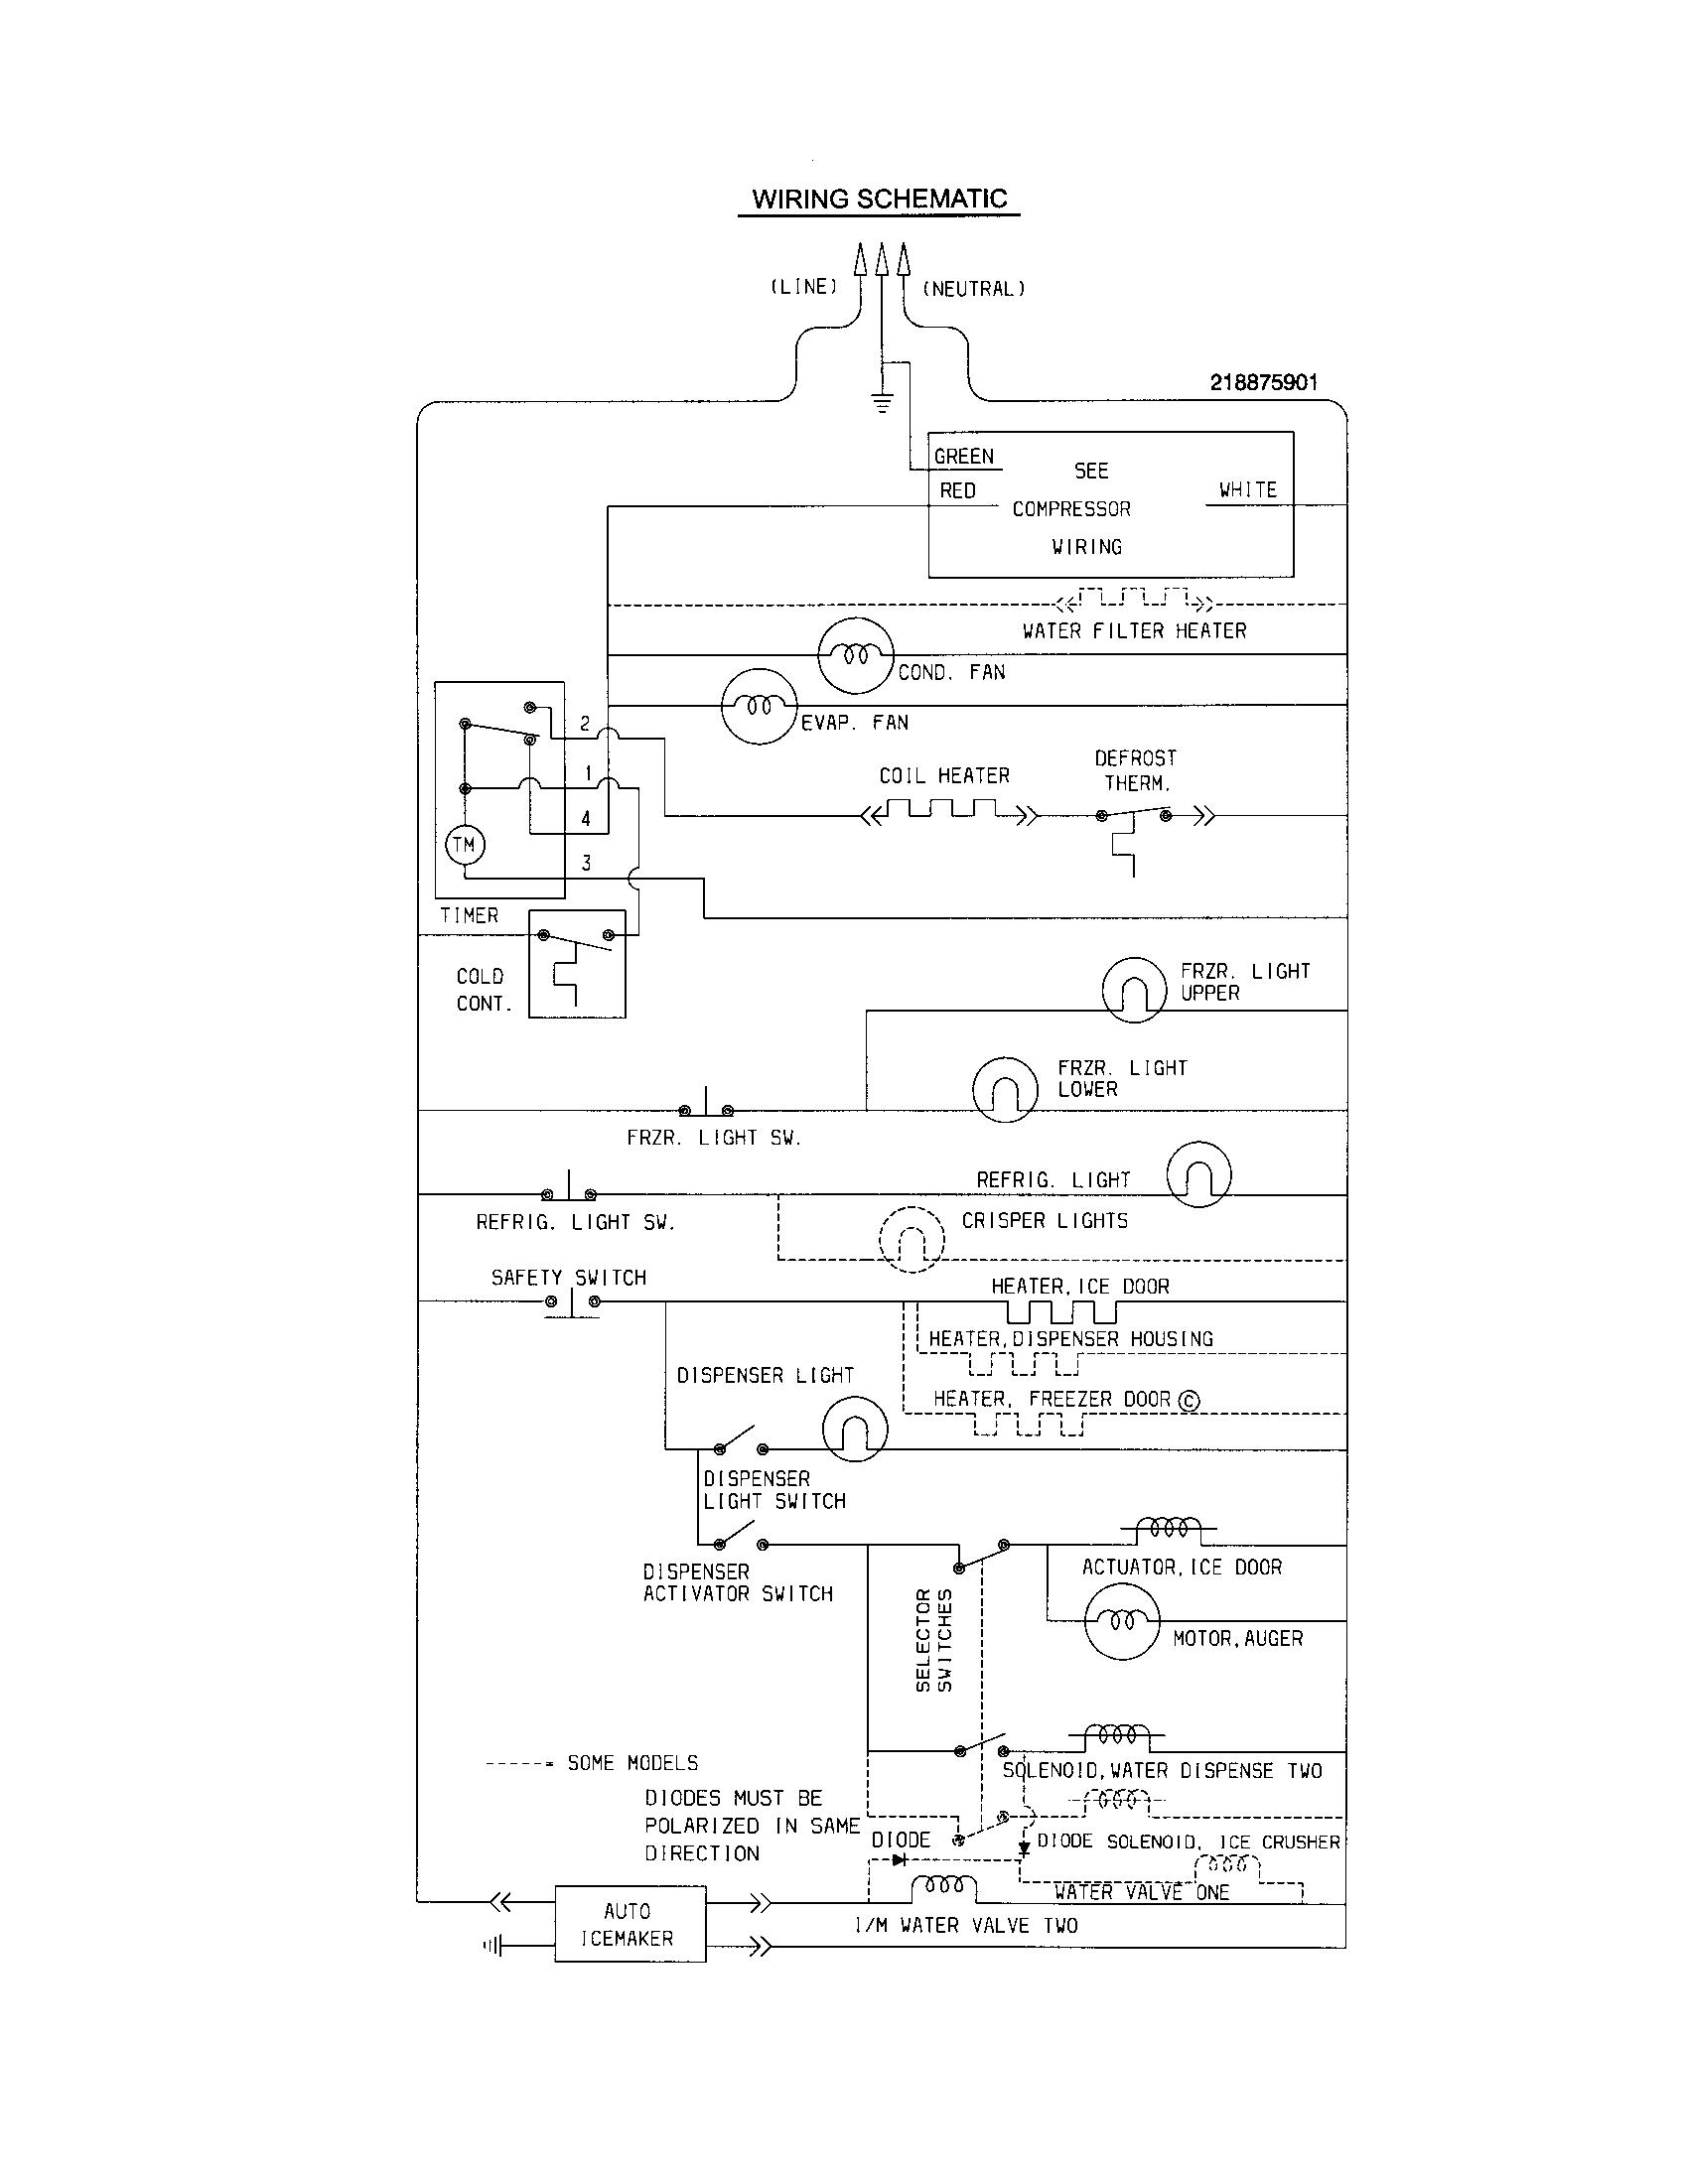 Wiring Diagram Model T 49f - Schematics Online on